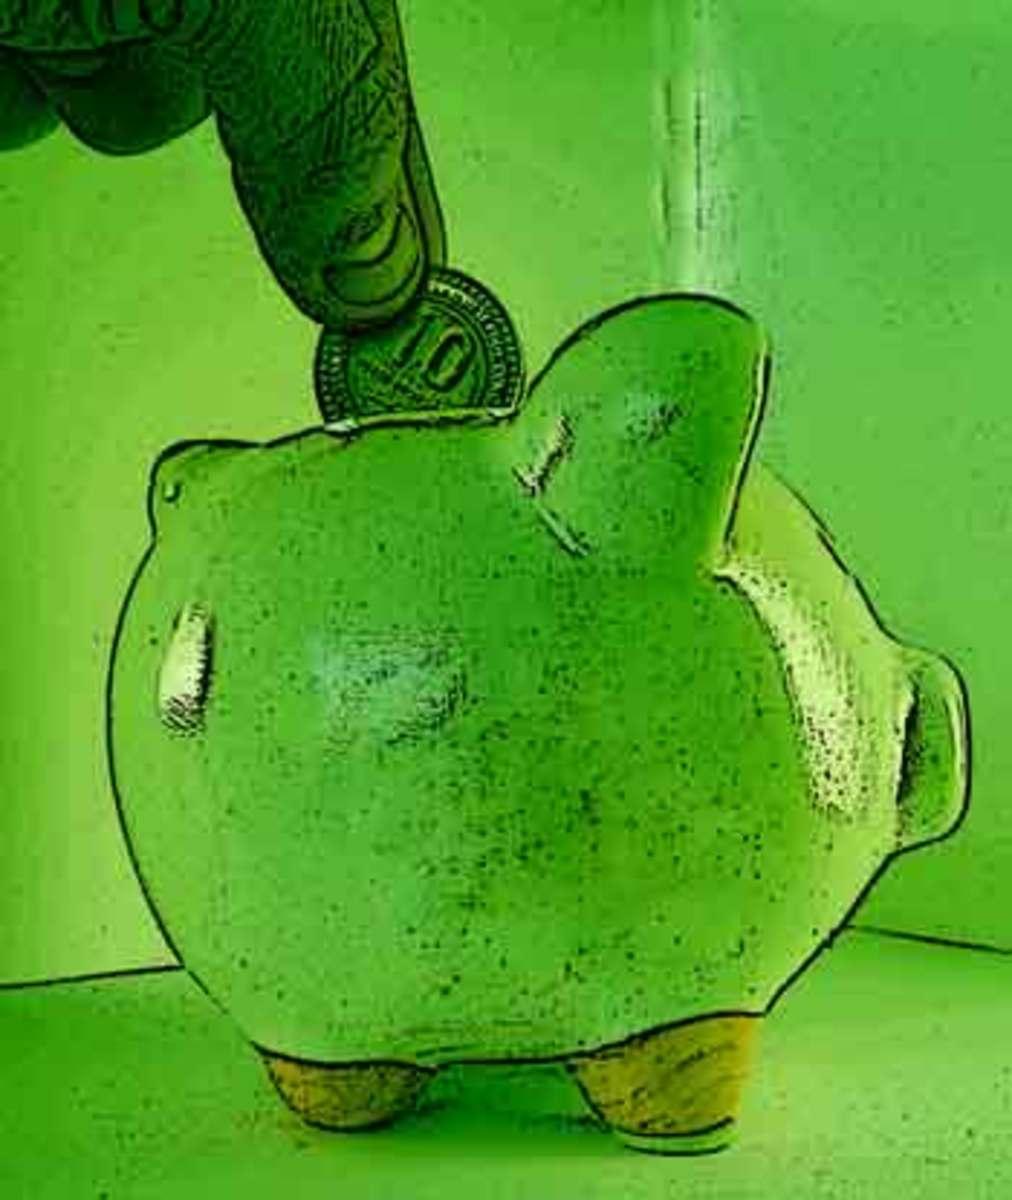 piggy_bank_green1